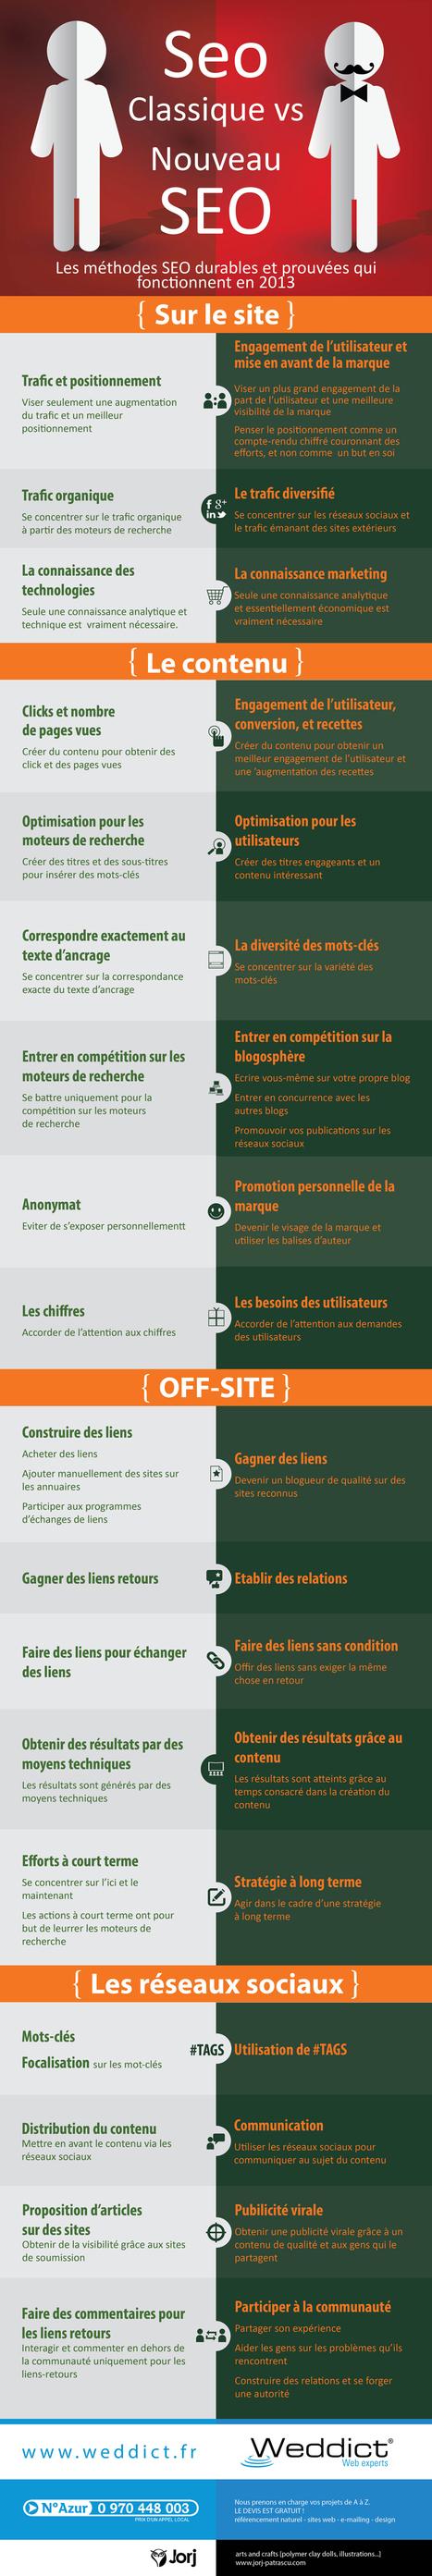 Infographie | Les méthodes SEO durables et prouvées qui fonctionnent en 2013 - Weddict : agence web & référencement | Noiesis Coworking Sophia-Antipolis | Scoop.it